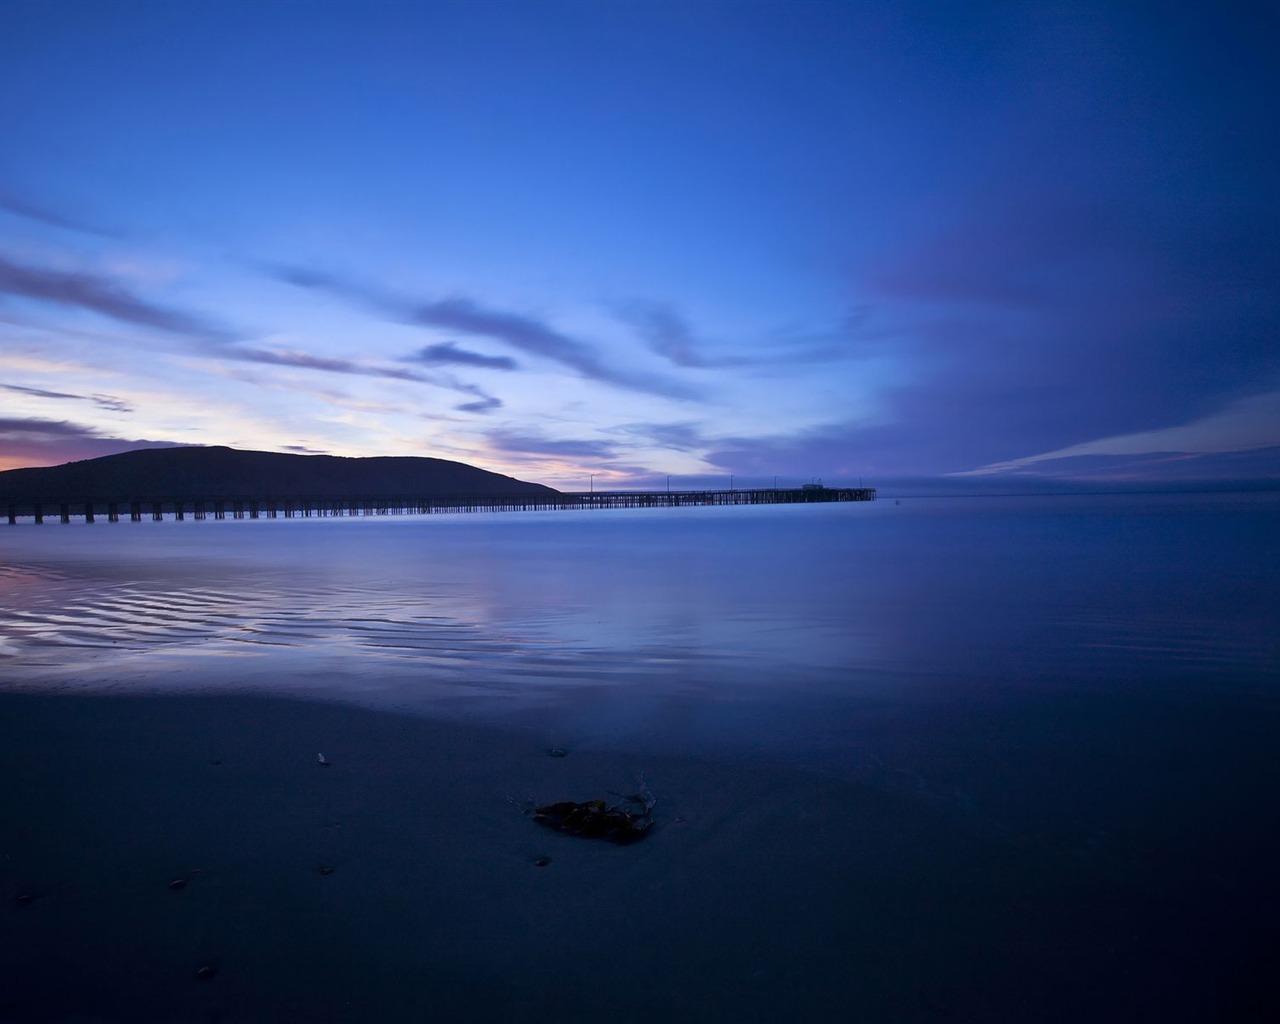 描述: 在沙滩上蓝色日落-高品质高清壁纸 当前壁纸尺寸: 1280 x 1024图片